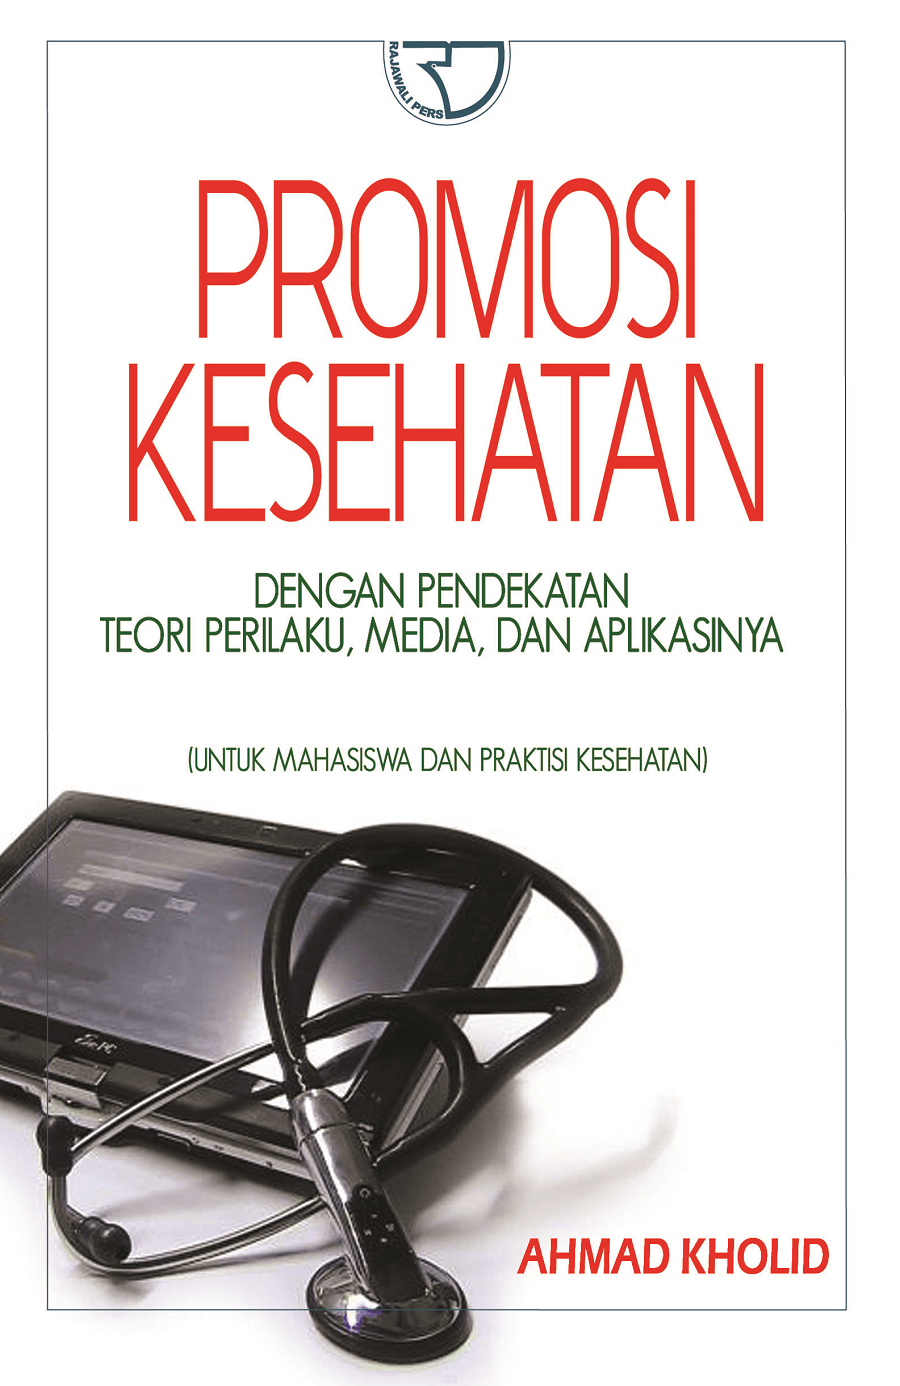 Promosi Kesehatan Ahmad Kholid Rajagrafindo Persada